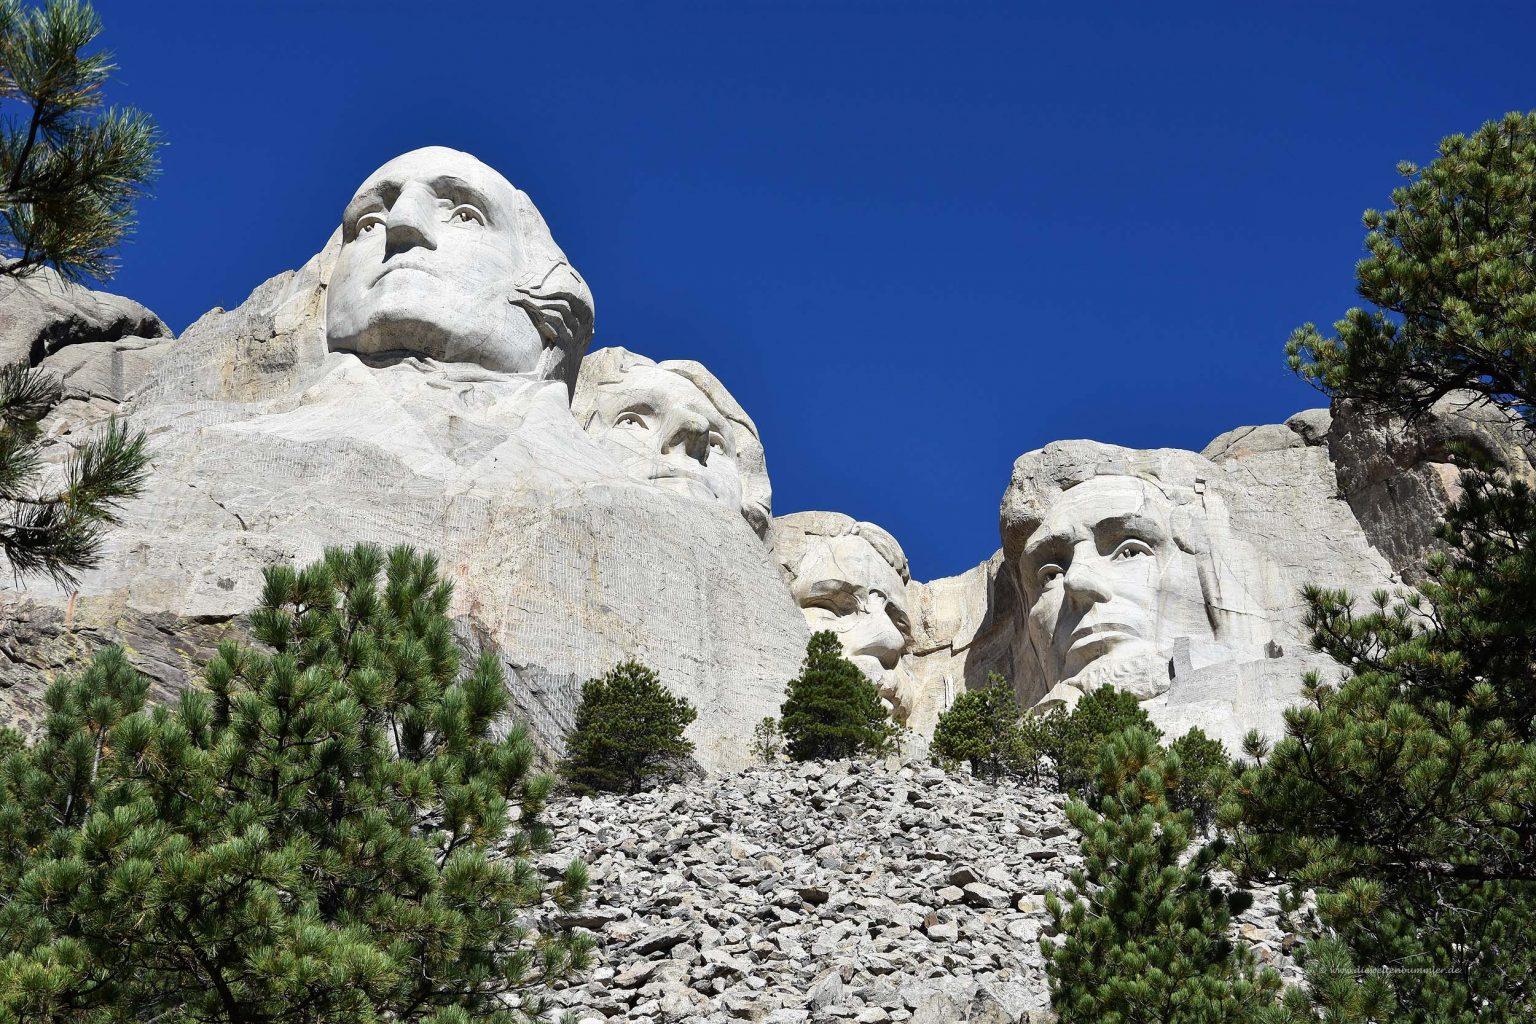 Mount Rushmore von unten